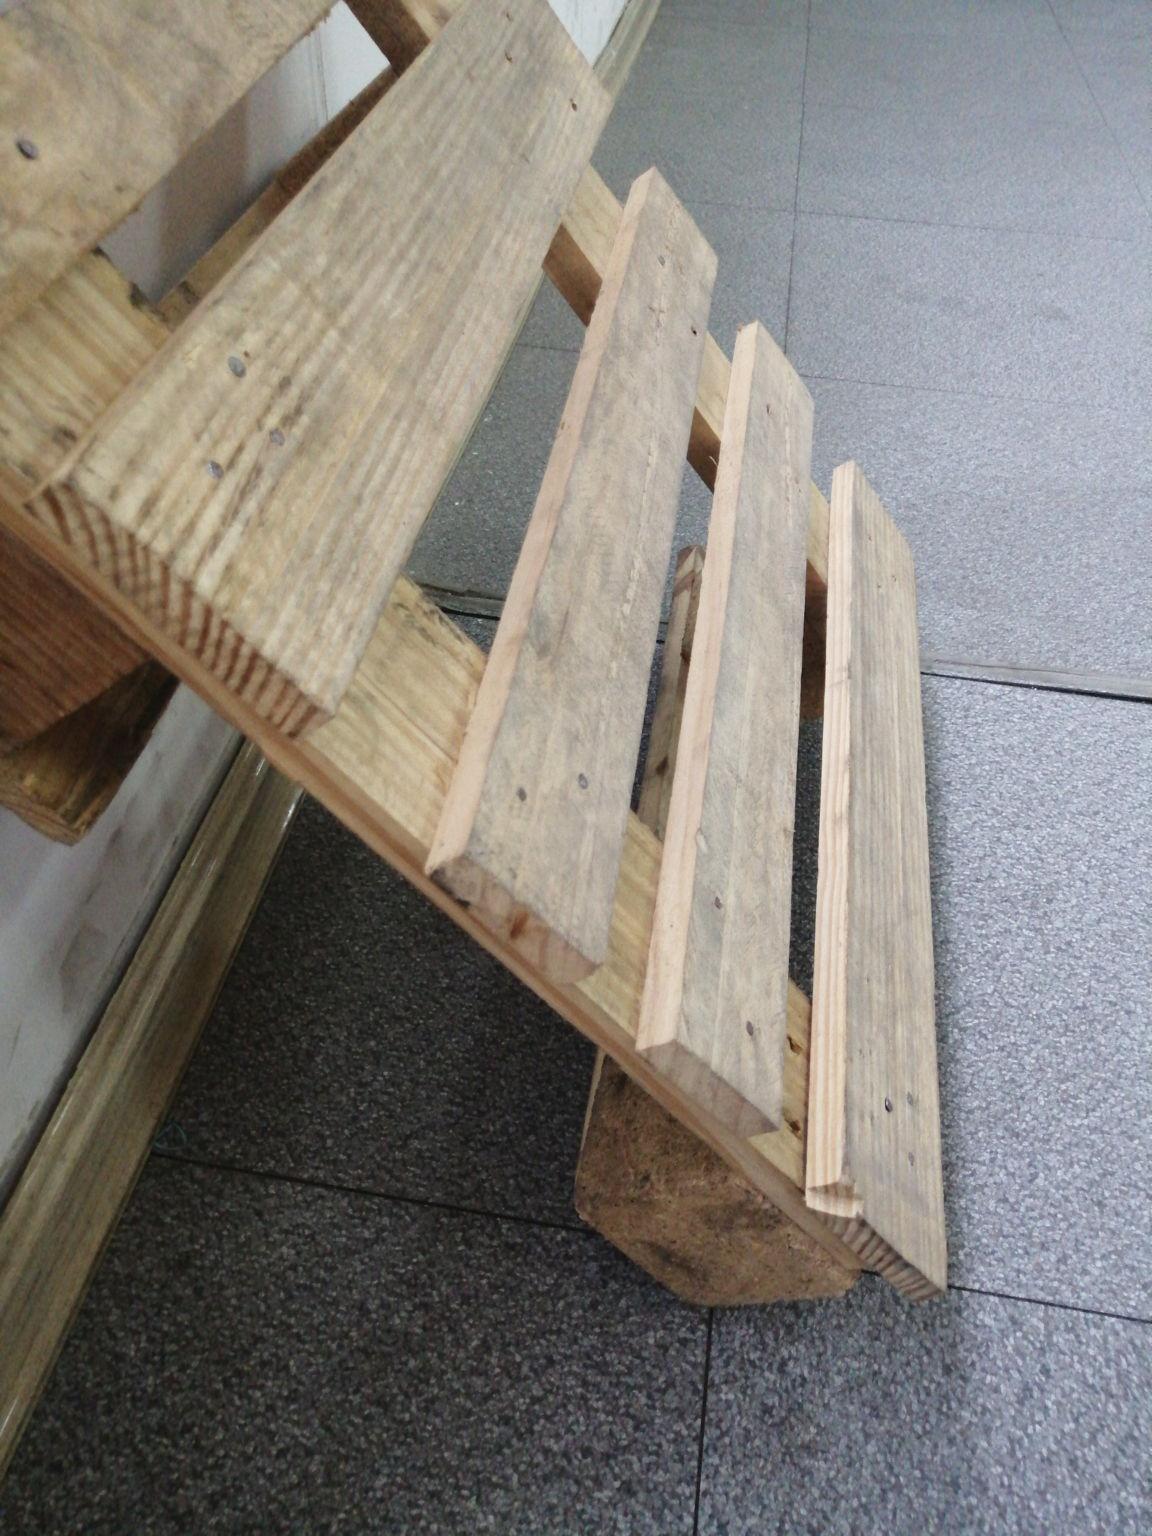 ??,≕ヸ〉埠木托盘?,℅…$◍~?质厂家提供家具托盘锯?,▾@㋄?木托盘的简单方法